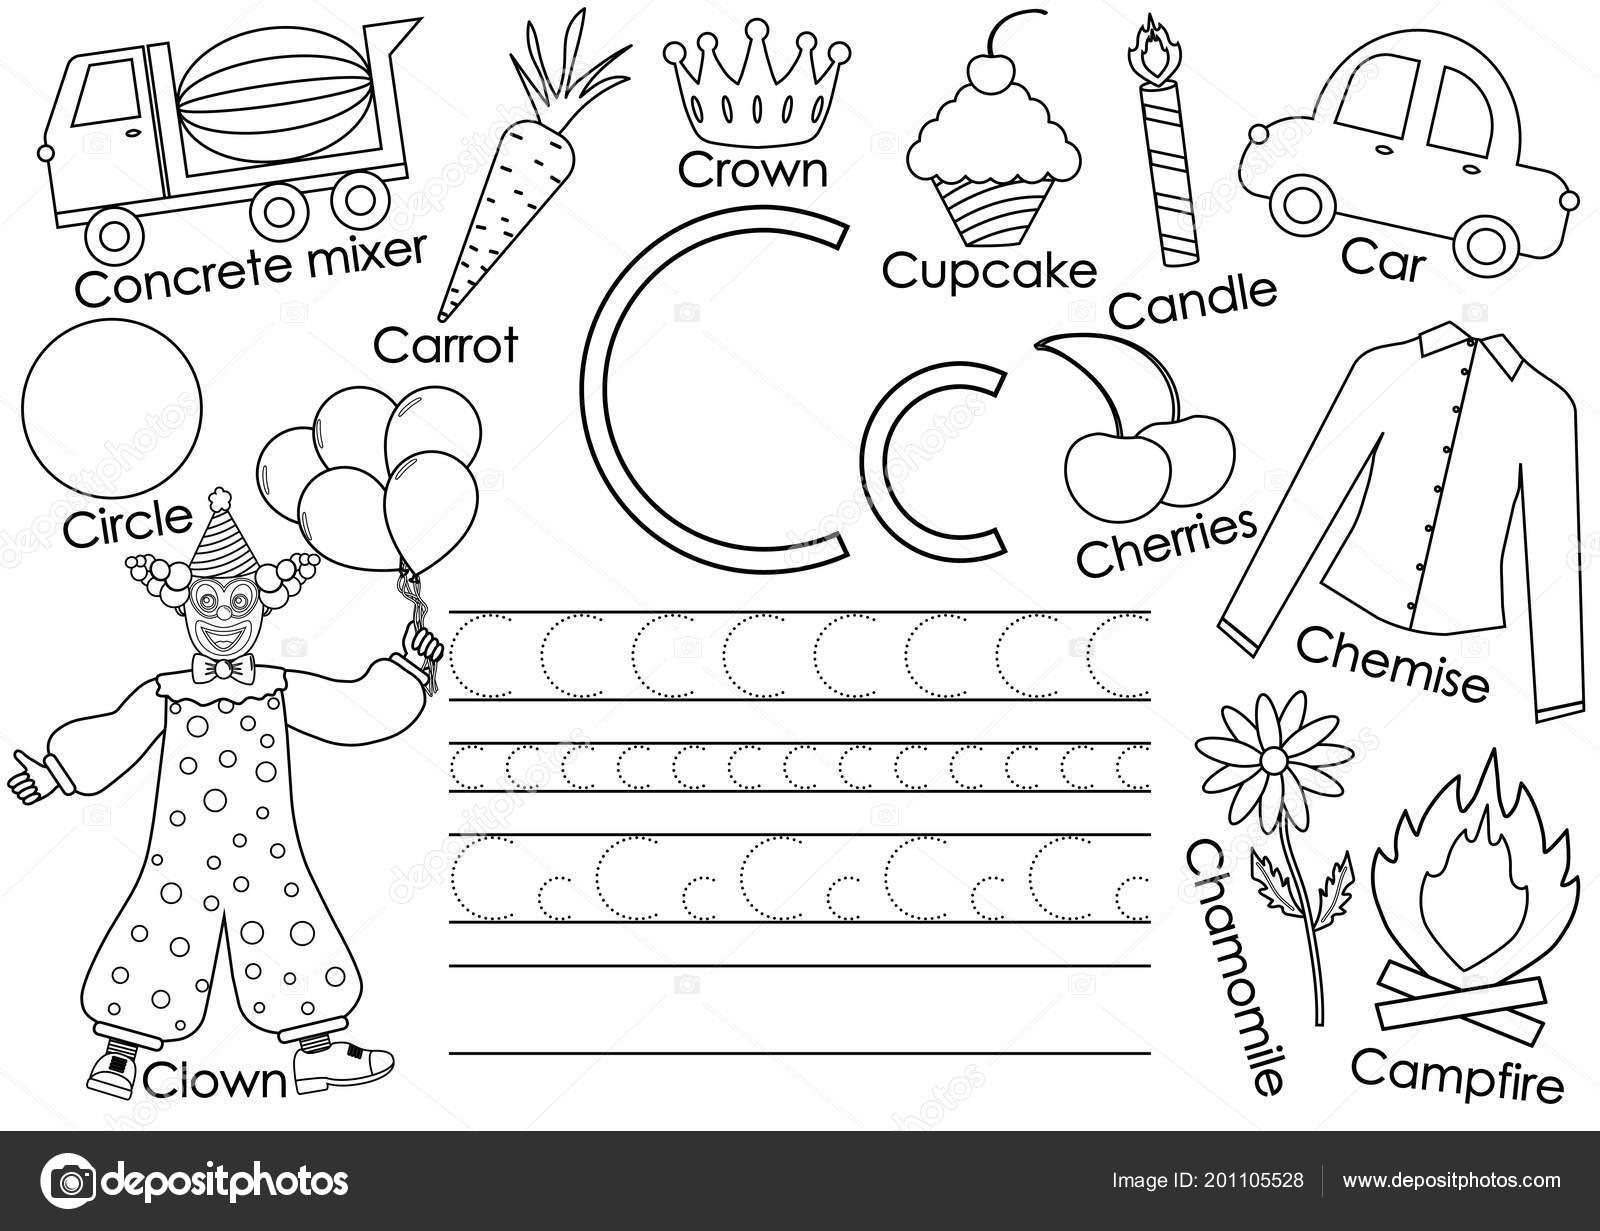 Ingilizce Alfabe Kartı Resimlerle Mektup Okul öncesi çocuklar Için